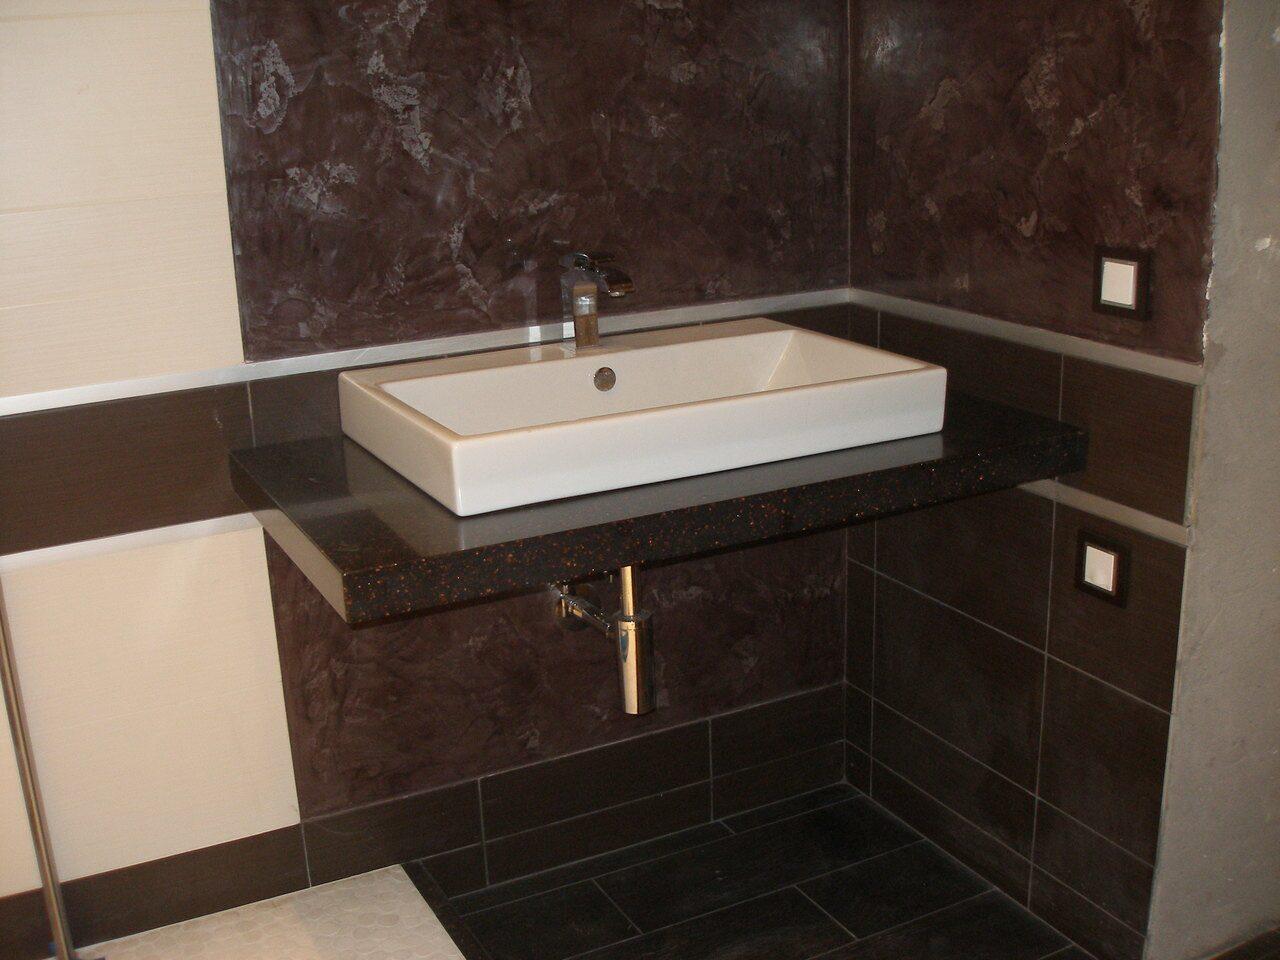 Кухонная столешница в ванную столешницы искуственные Ямкино